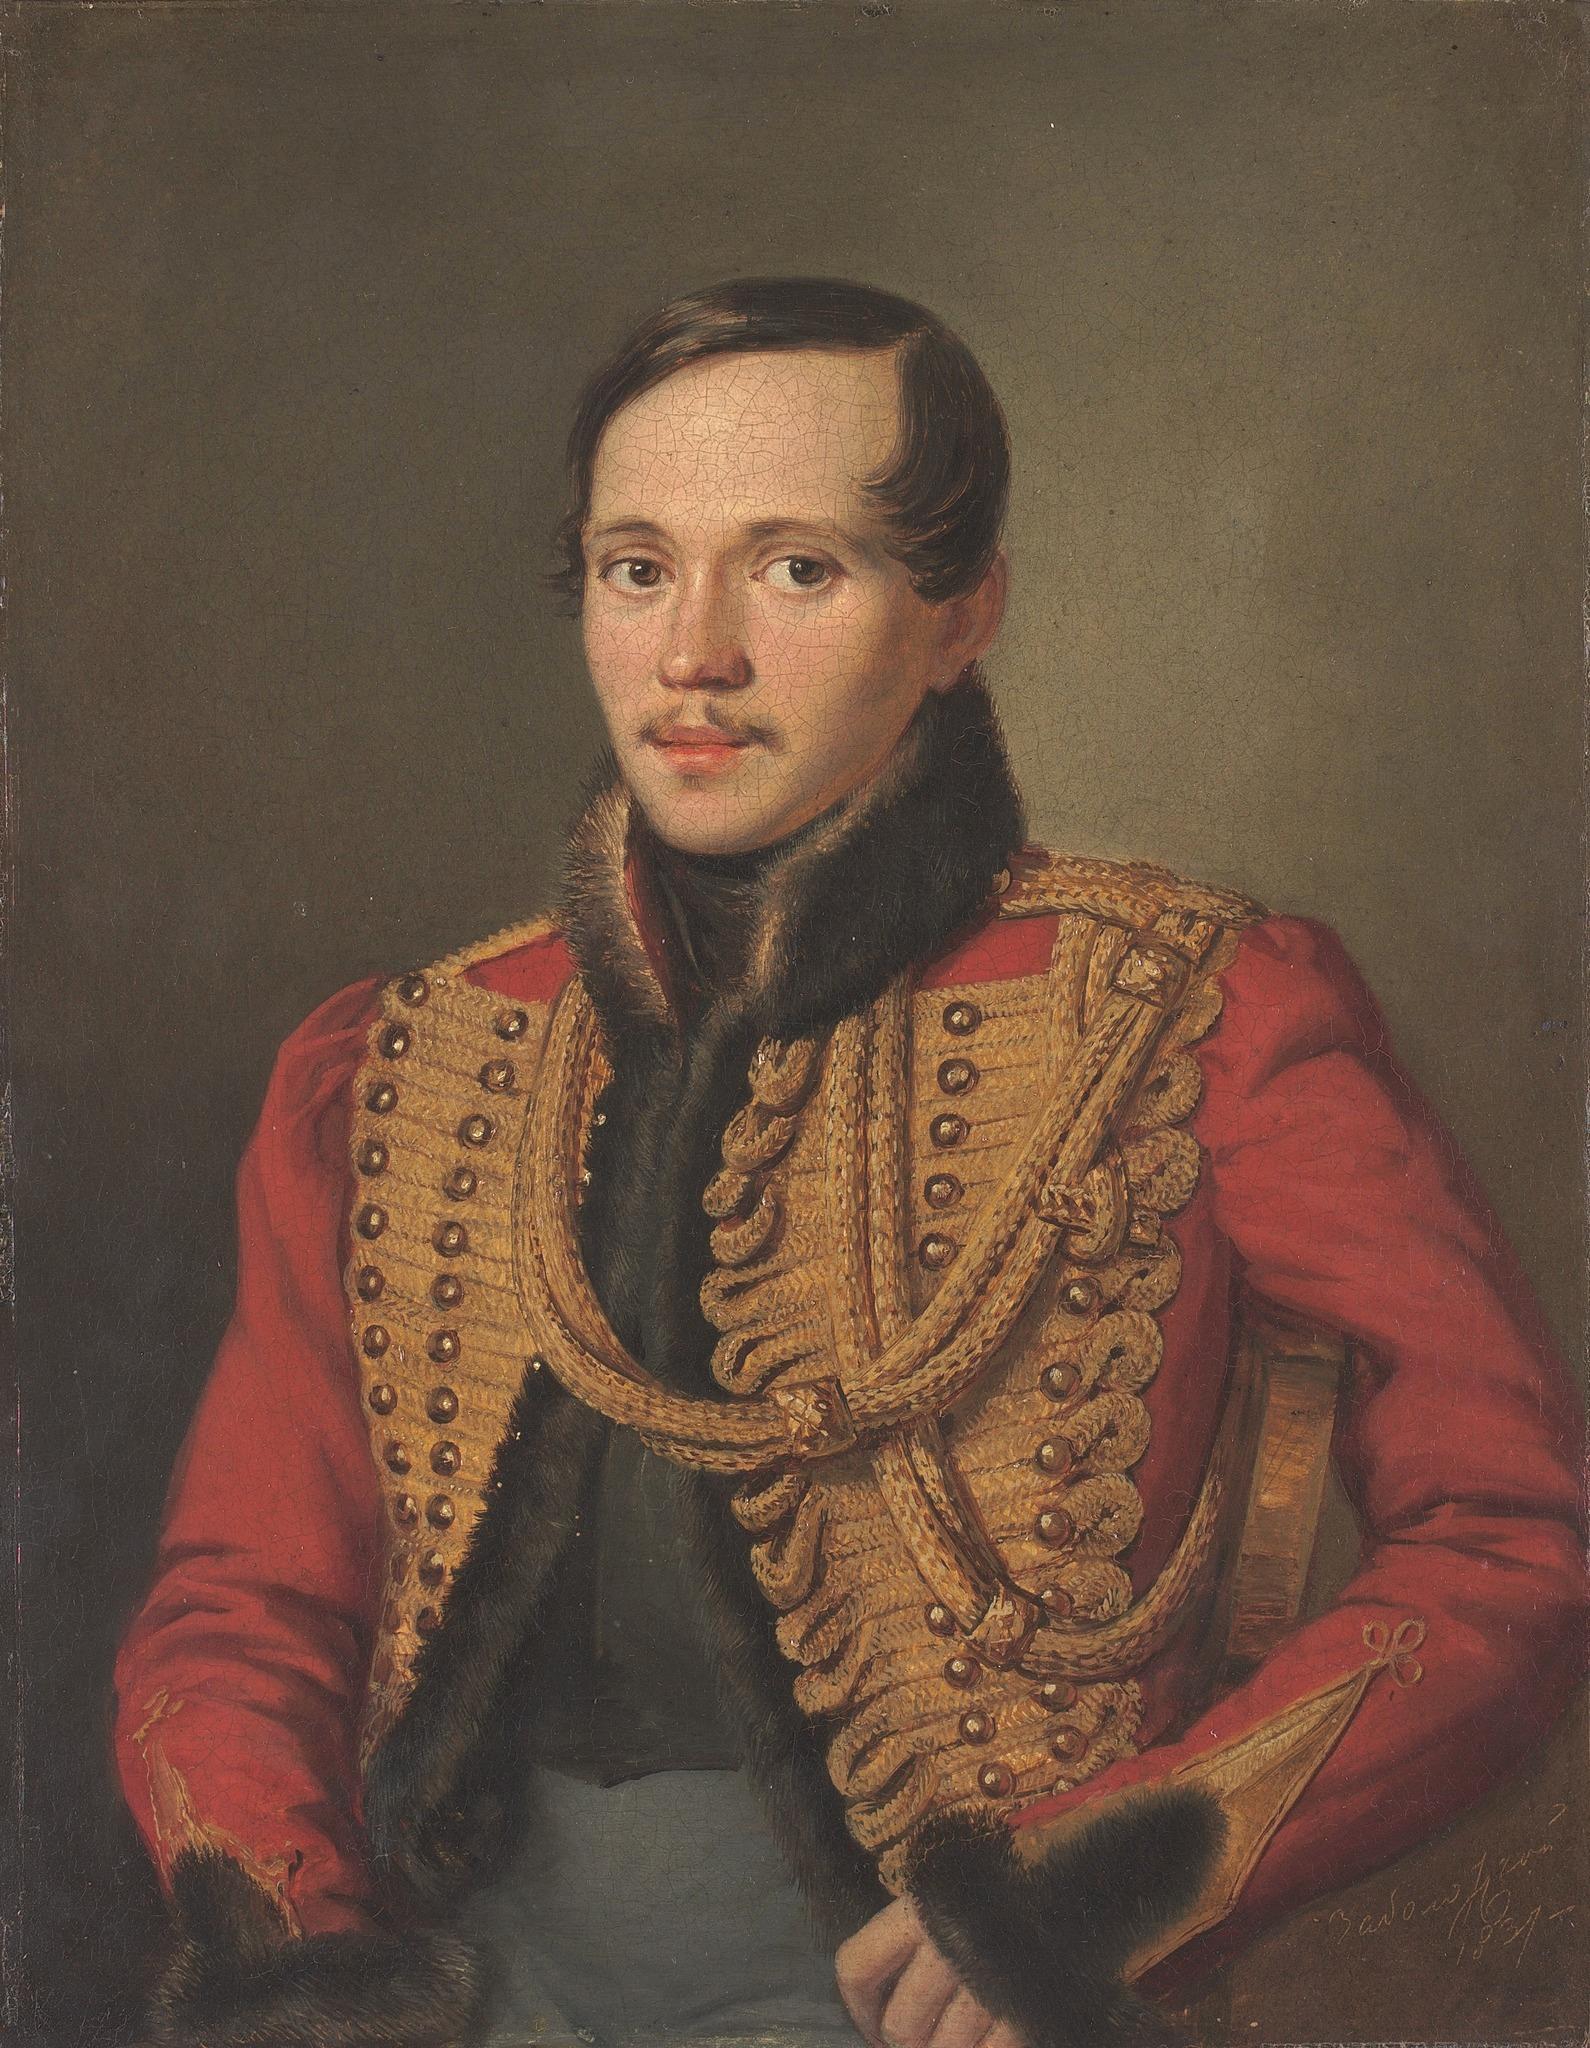 П.Е. Заболотский  Портрет поэта Михаила Юрьевича Лермонтова 1837